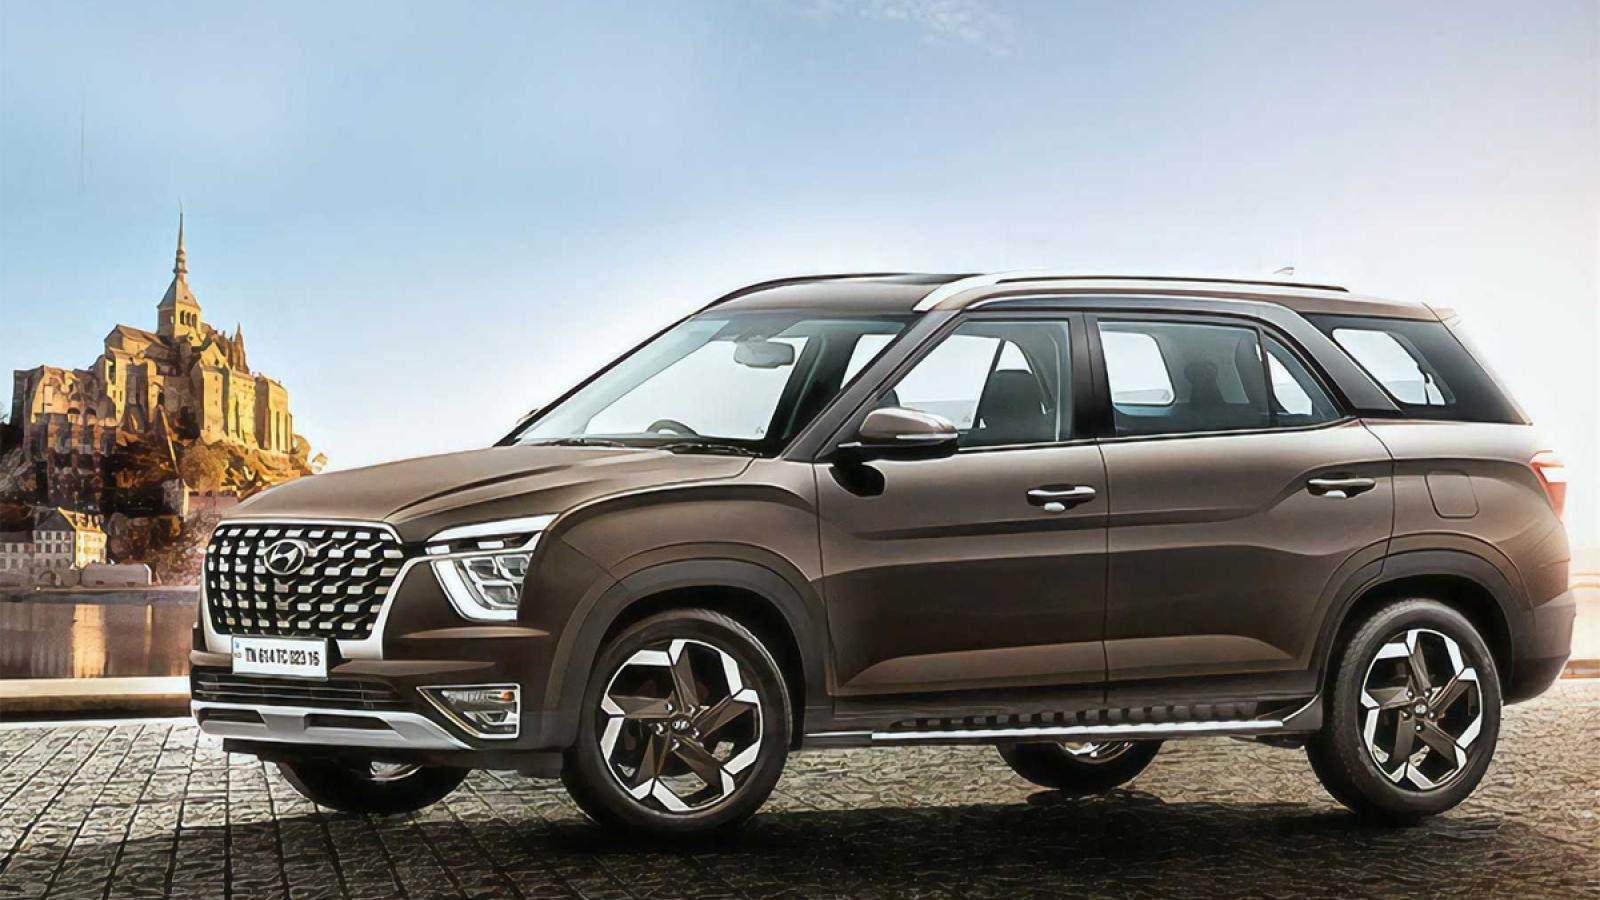 SUV 7 chỗ Hyundai Alcazar bất ngờ mở bán trước ngày ra mắt chính thức